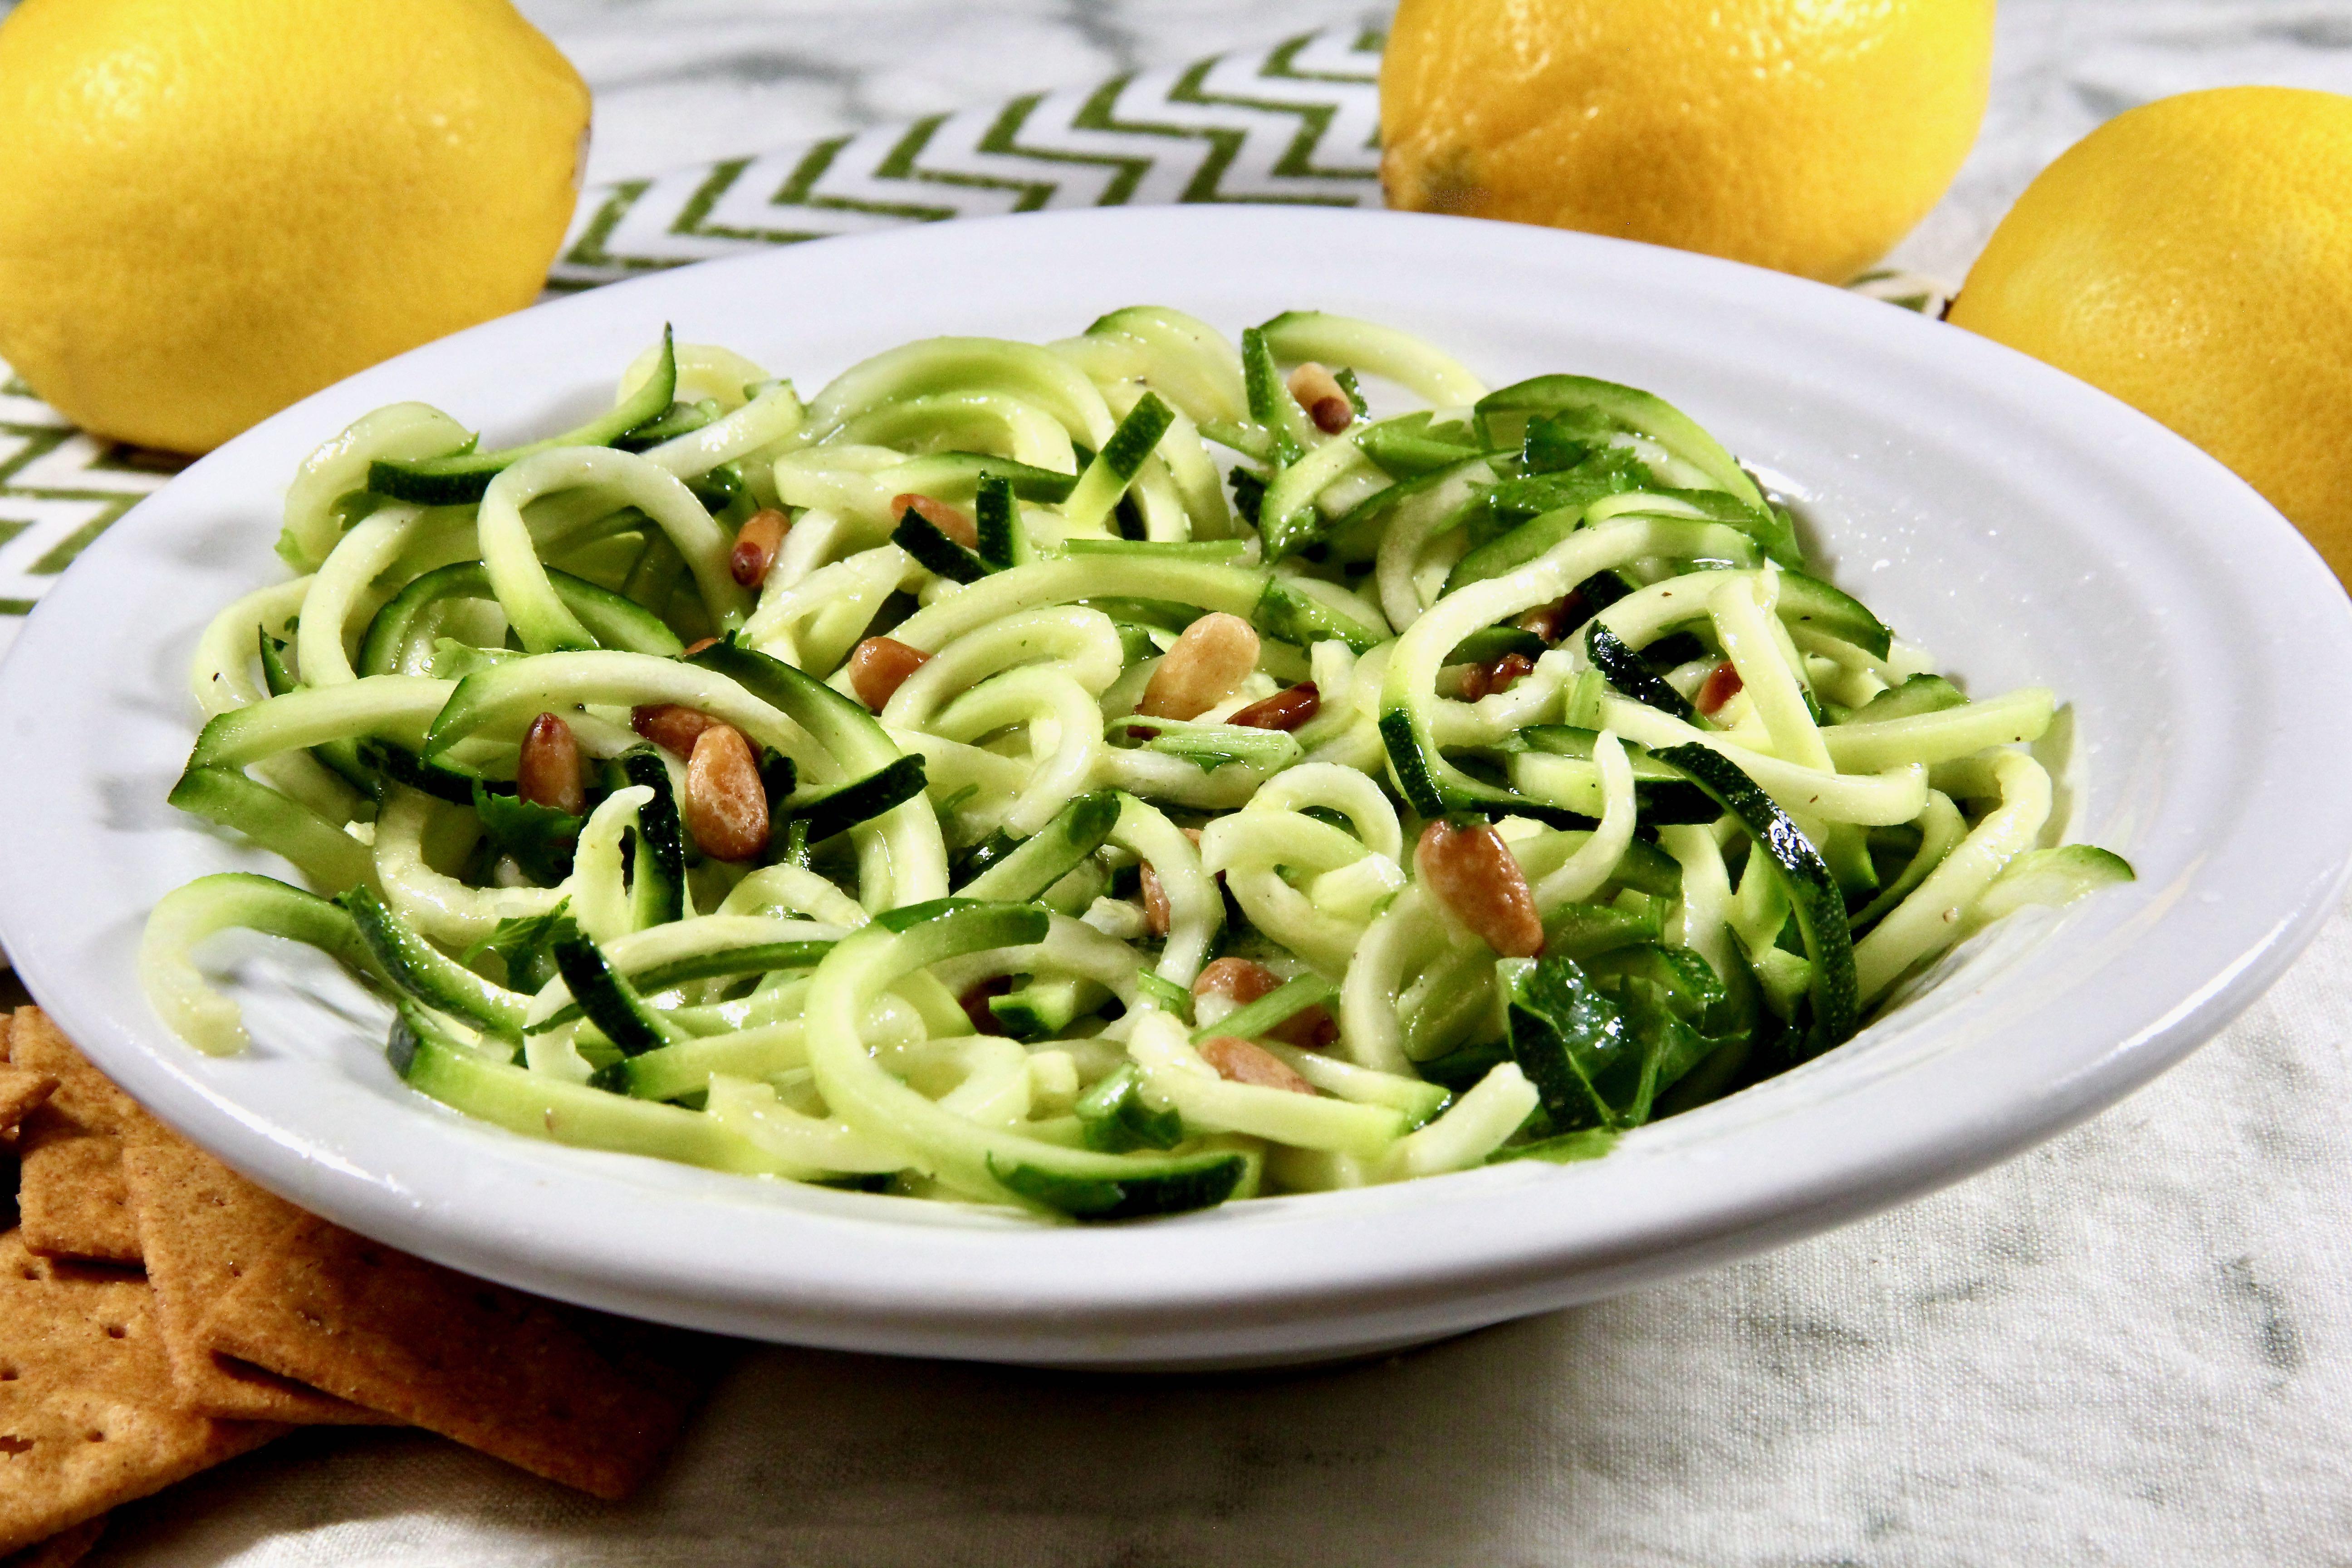 Zucchini Noodle Salad with Lemon-Garlic Vinaigrette